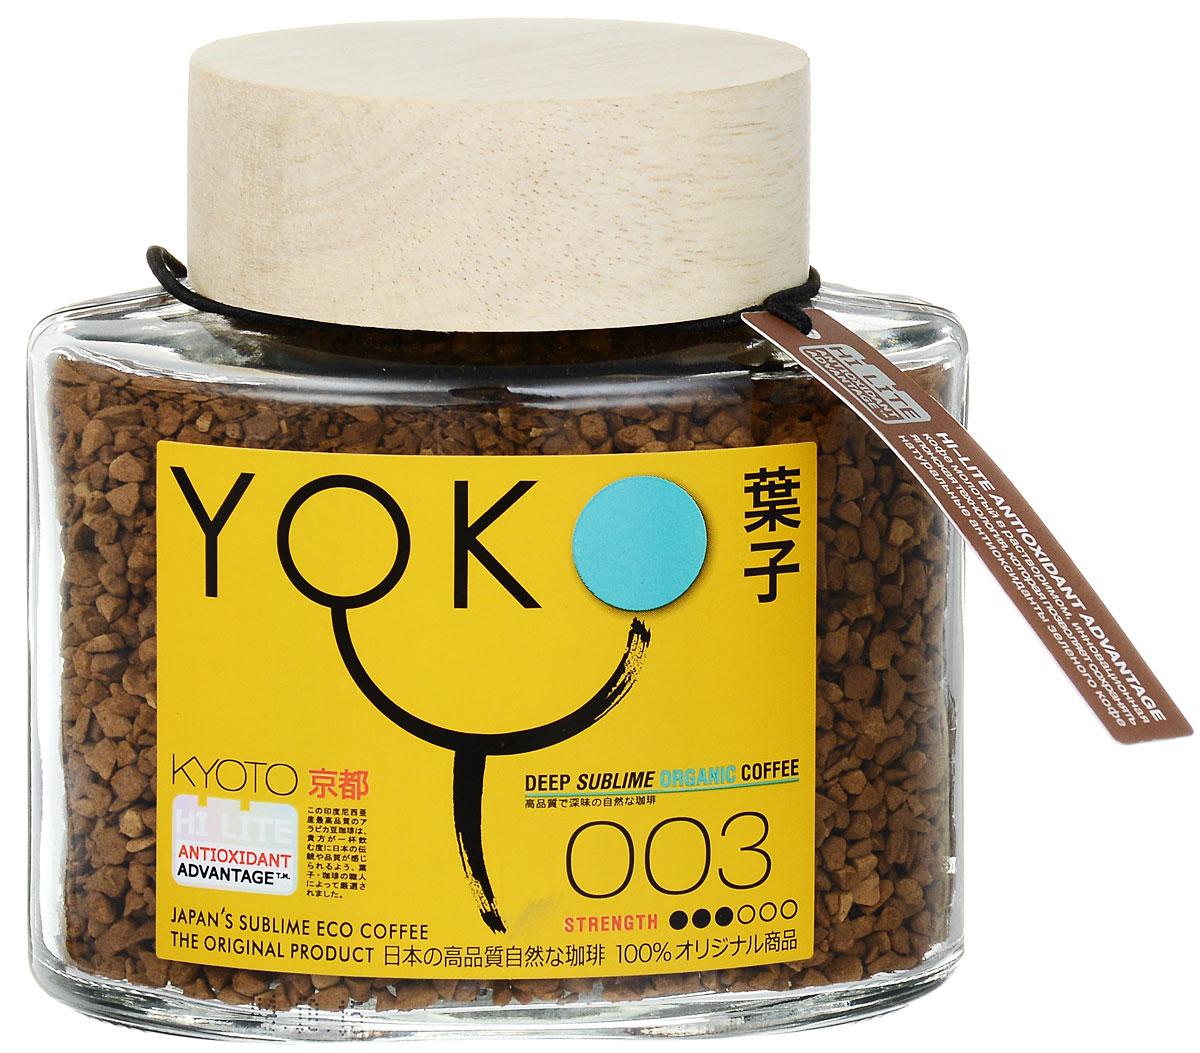 Yoko 003 blend кофе растворимый в стеклянной банке, 100 г0120710Yoko 003 blend изготовлен по новейшей технологии HI-LITE, разработанной японскими учеными. Она позволяет сохранить все полезные свойства зеленого кофе, главным из которых является высокое содержание натуральных антиоксидантов. YOKO -это инновационные технологии и уважение к традициям в одной чашке кофе.